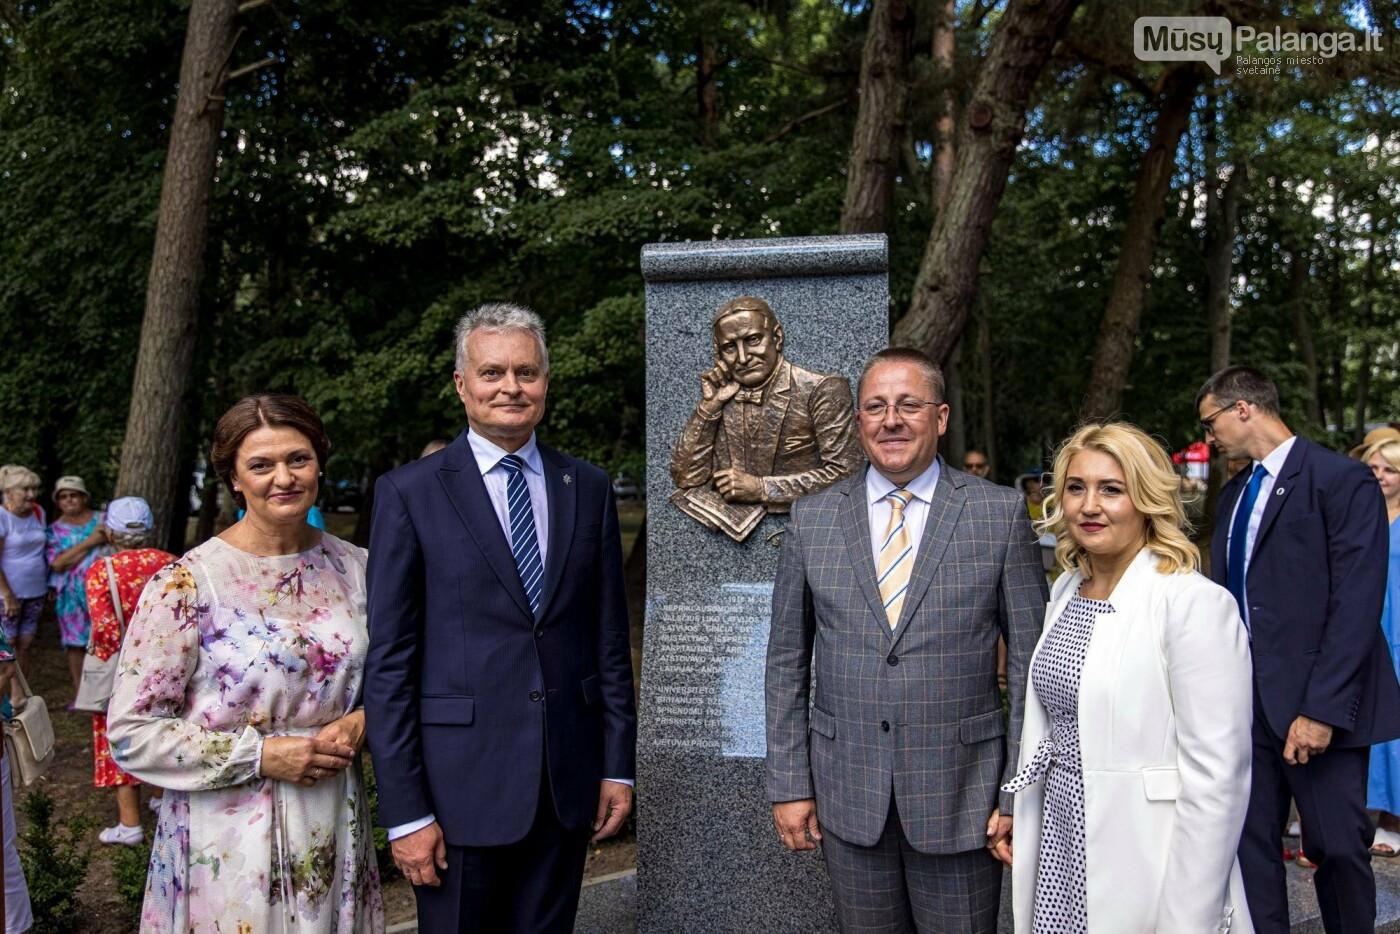 Skulptūros, skirtos Dž. J. Simpsonui ir Derybinei grupei dėl Palangos grąžinimo Lietuvai įamžinti, atidarymas, nuotrauka-2